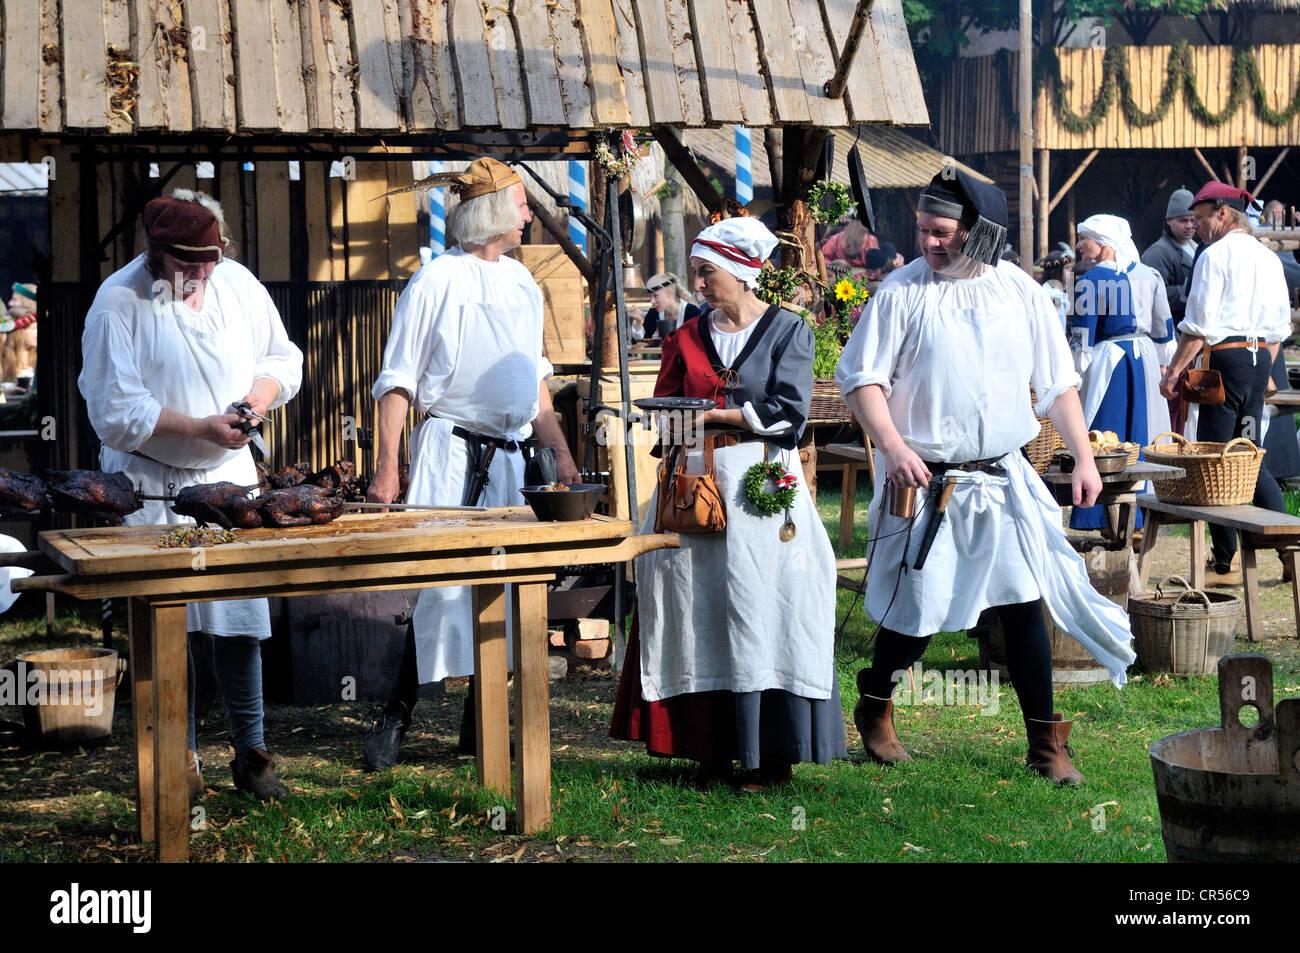 Alltag in ein mittelalterliches Lager während der Landshuter Hochzeit 2009, eines der größten historischen Stockbild